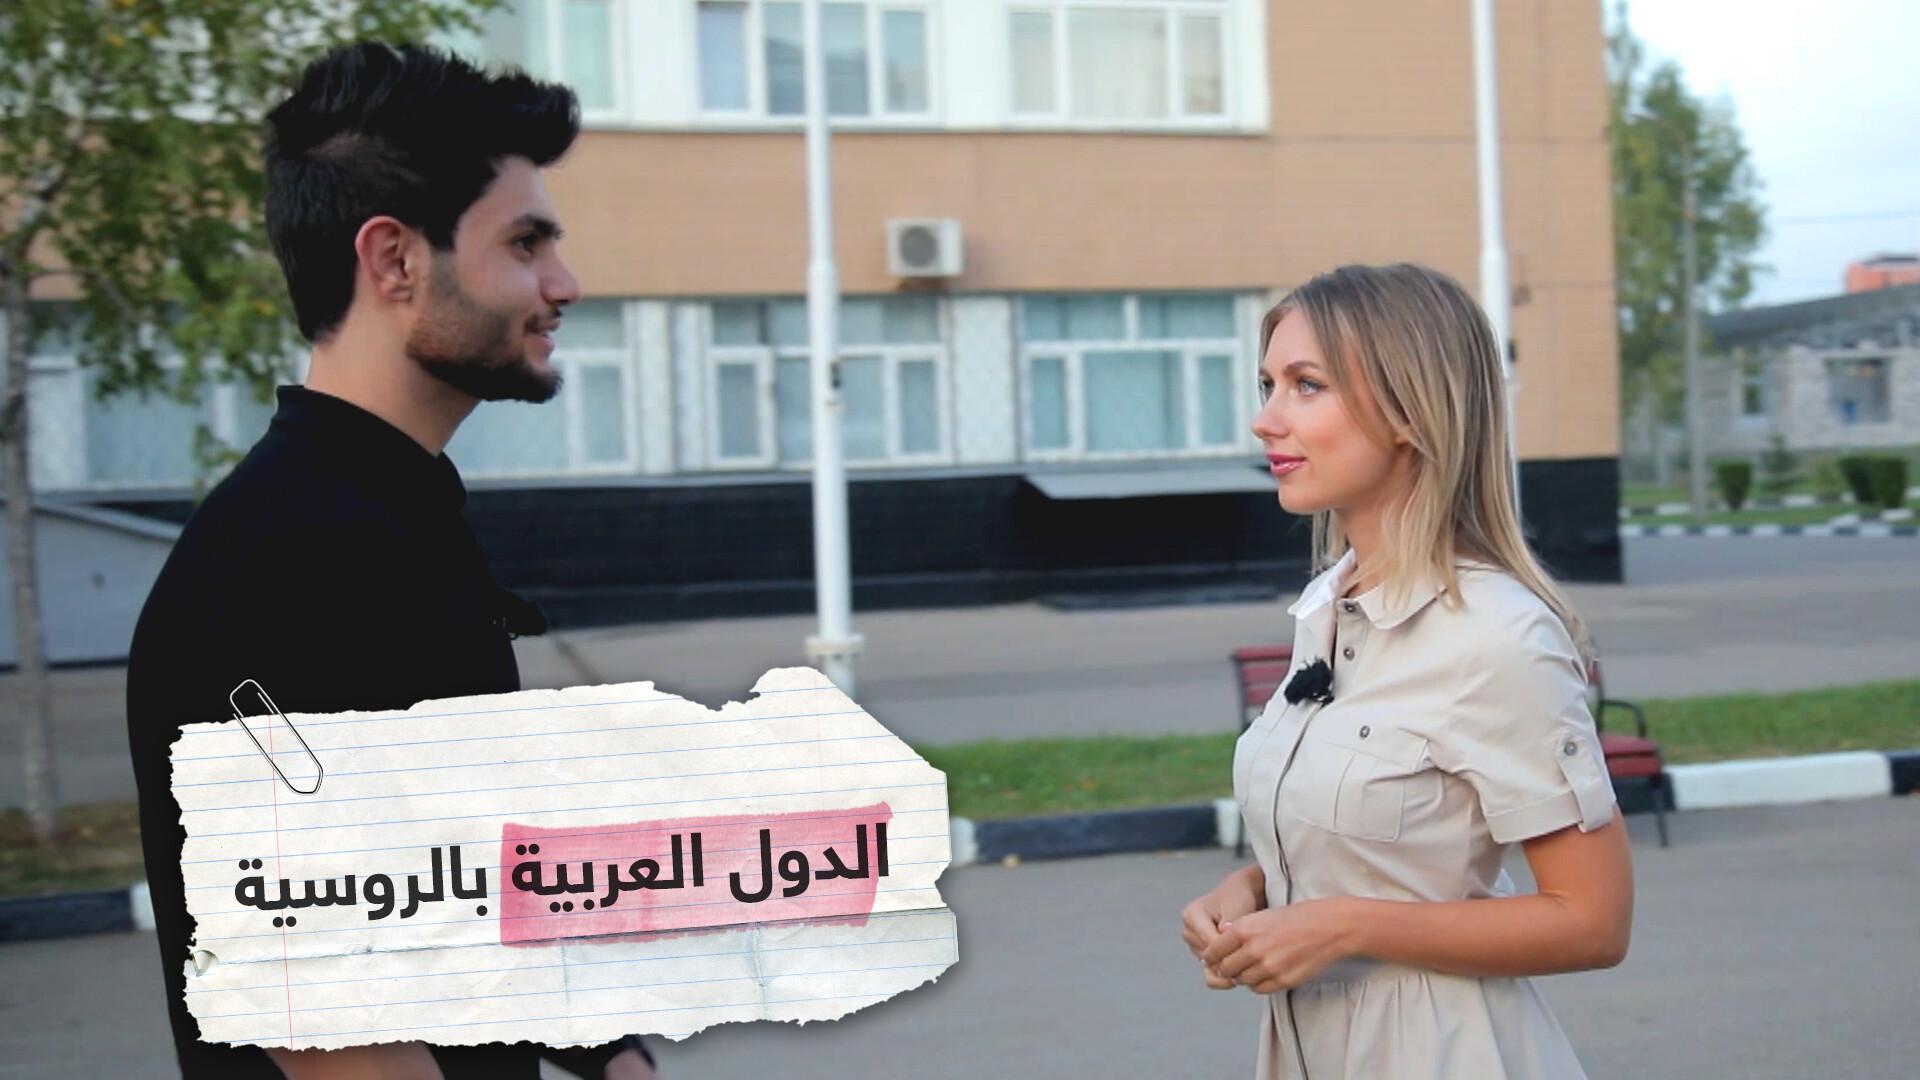 كيفية نطق أسماء الدول العربية باللغة الروسية